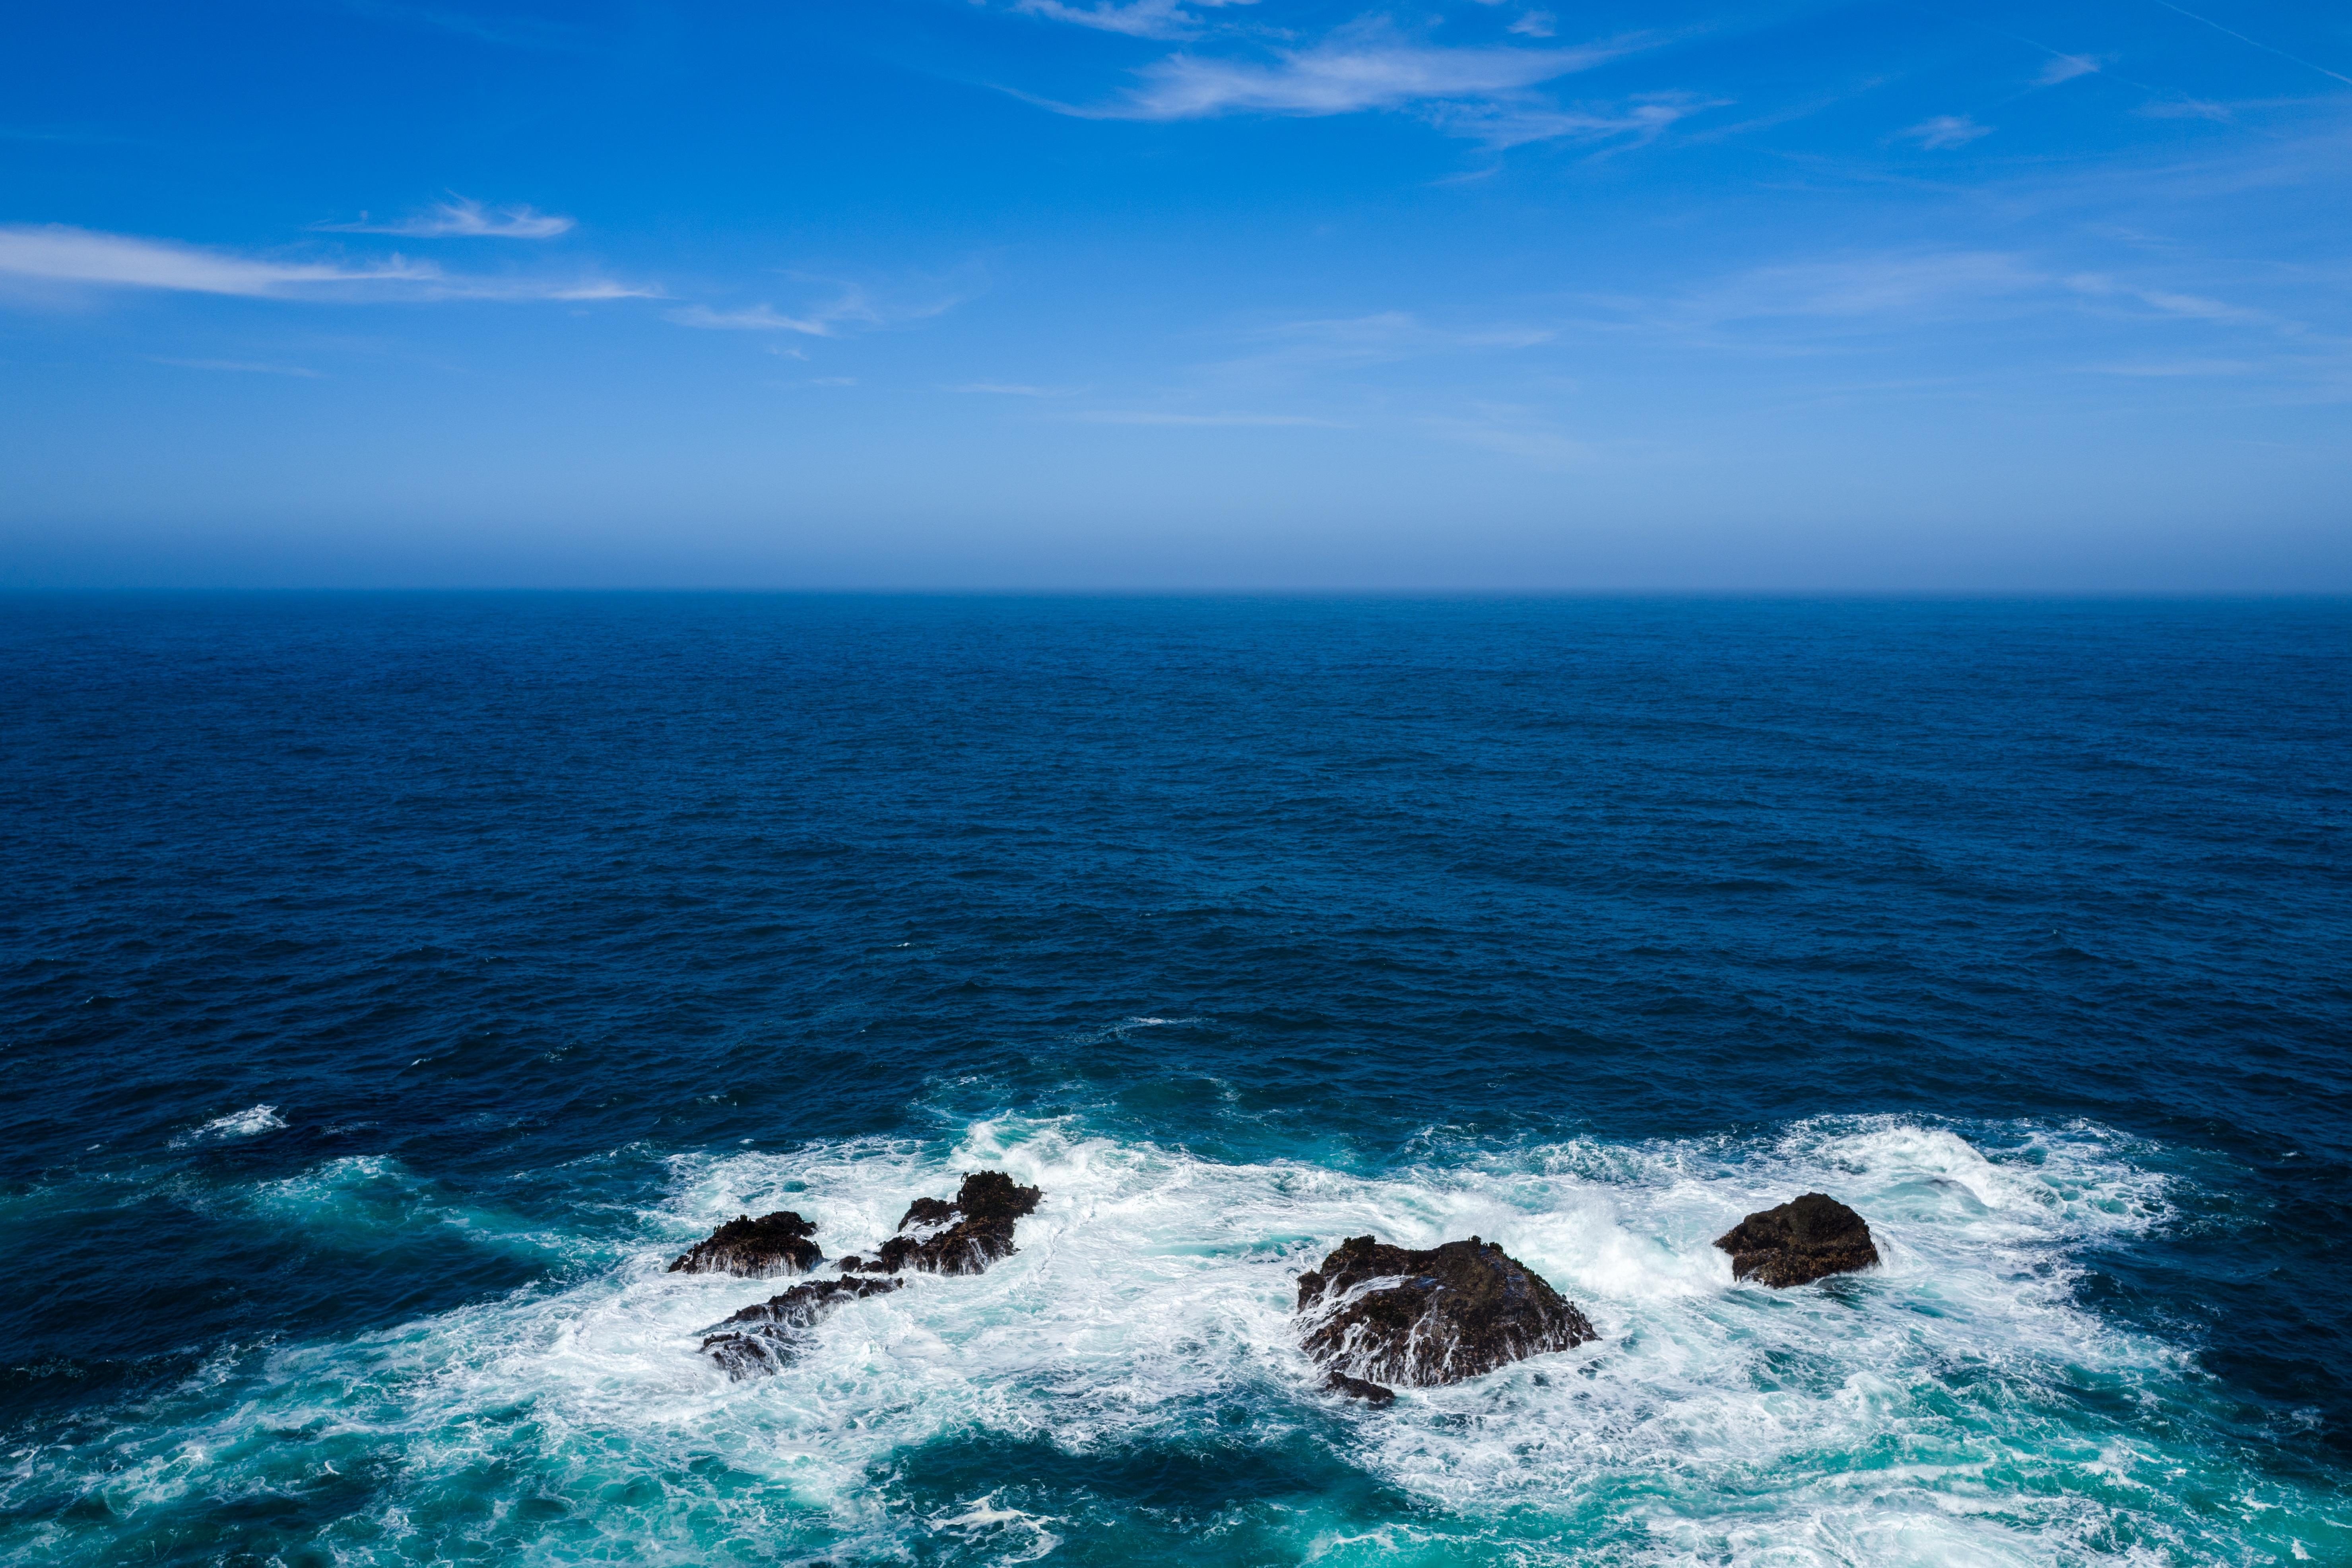 Тихий океан картинки для айфона